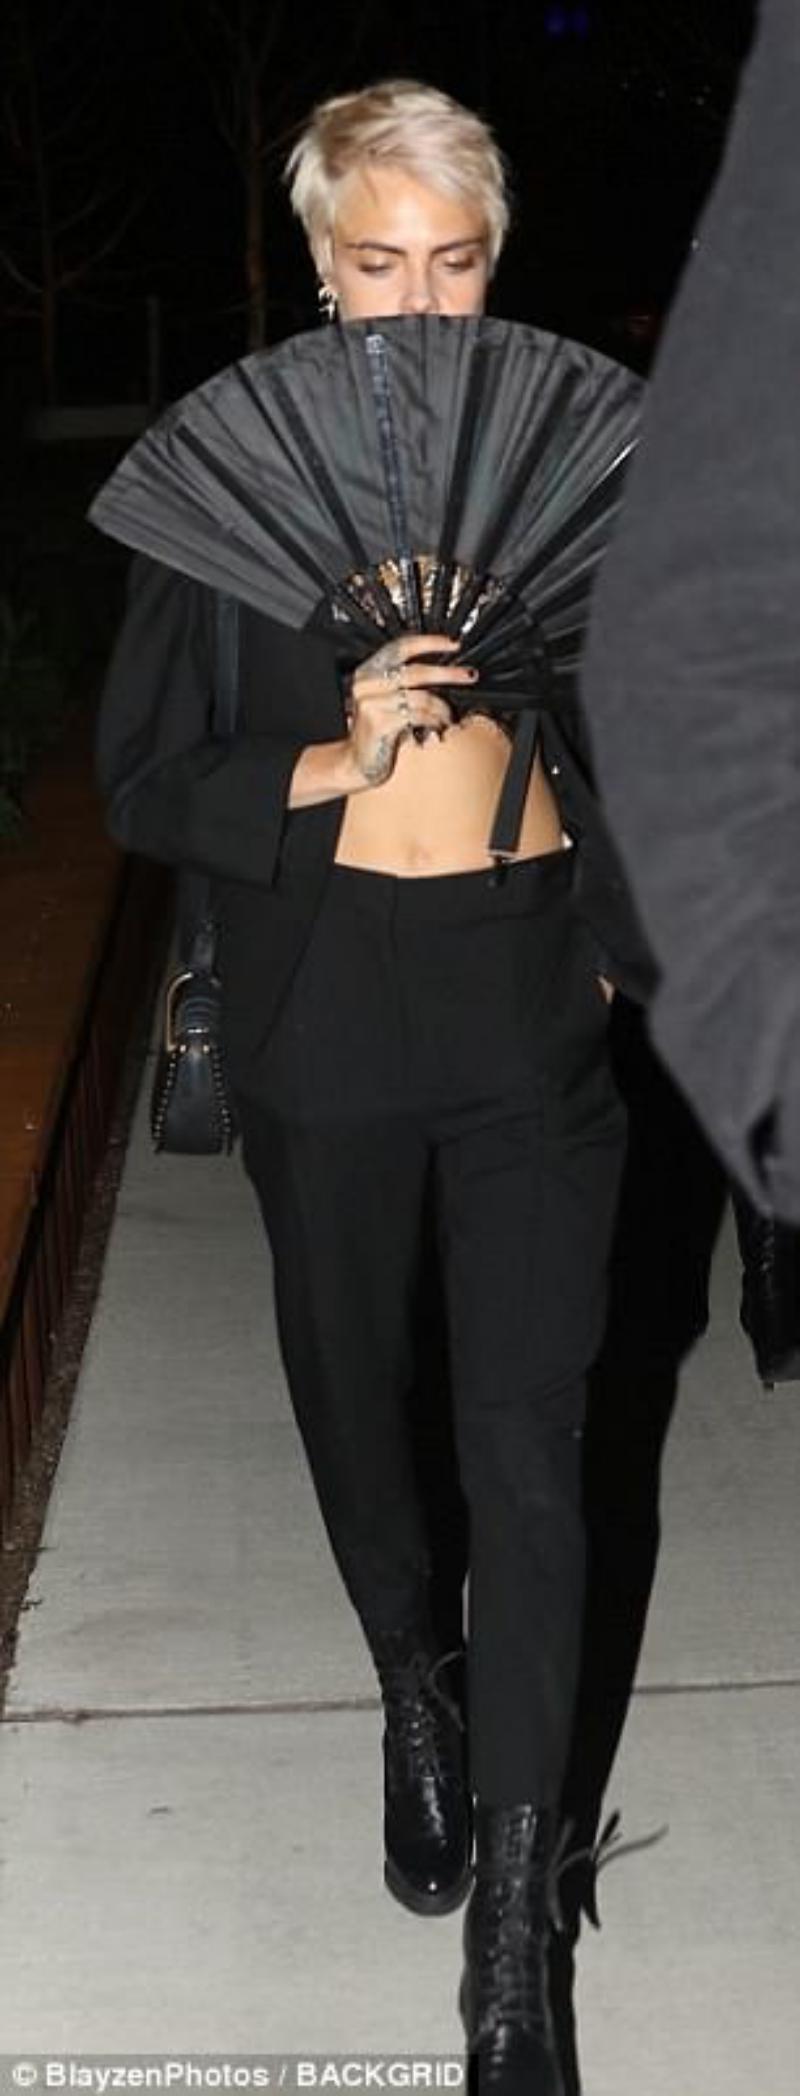 Cara Delevingne mặc nguyên cây màu đen cùng phụ kiện là chiếc quạt để... che mặt.